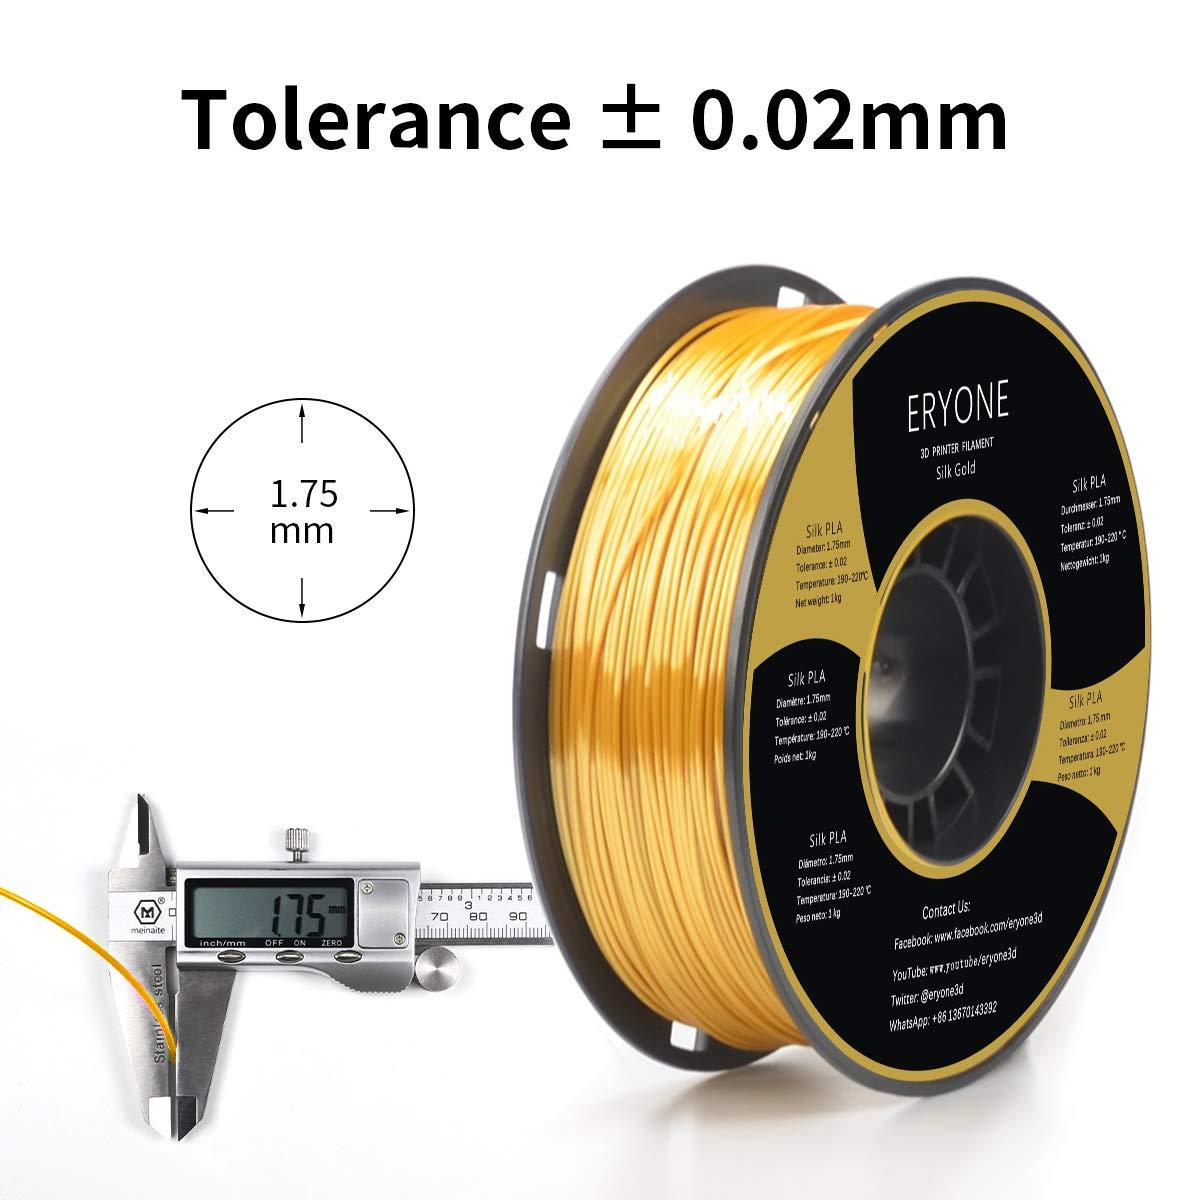 3D Printing Filament PLA for 3D Printer and 3D Pen ERYONE Silky Shiny Filament PLA 1.75mm PLA Filament 1.75mm Silk Gold 1kg 1 Spool